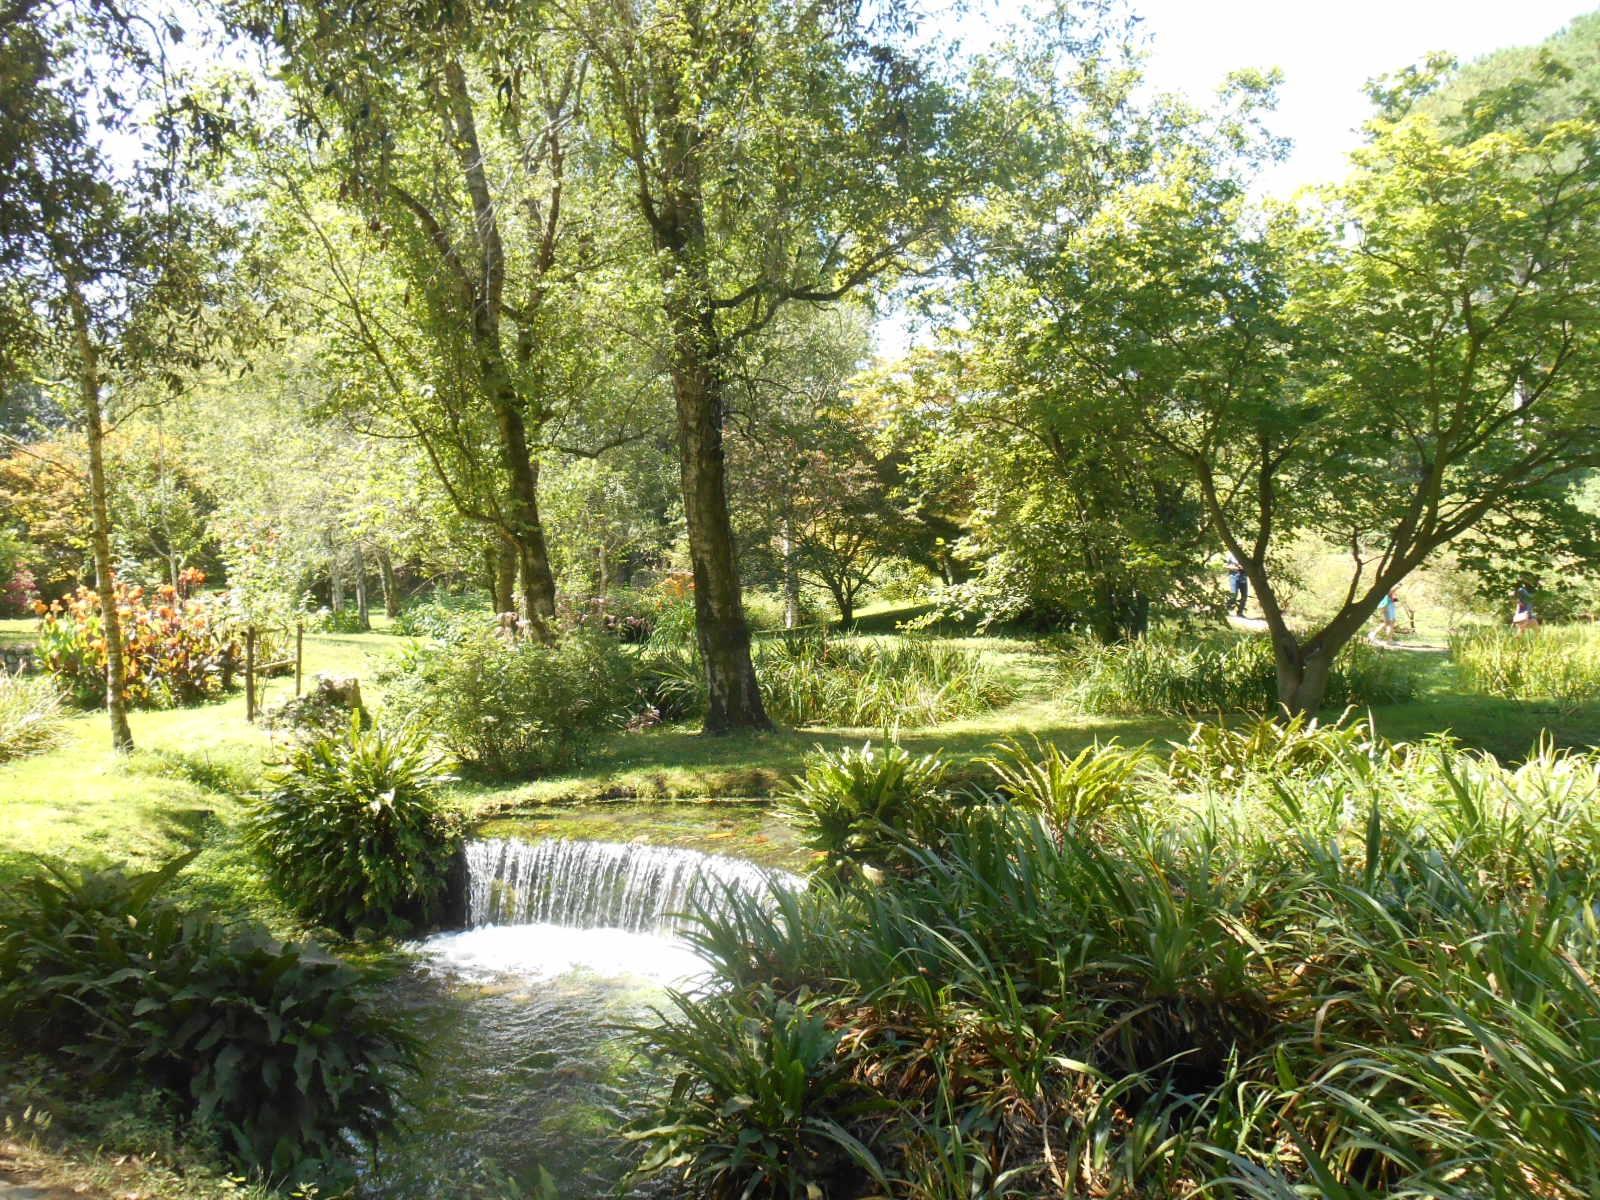 Giardino di Ninfa, een groene oase ten zuiden van Rome